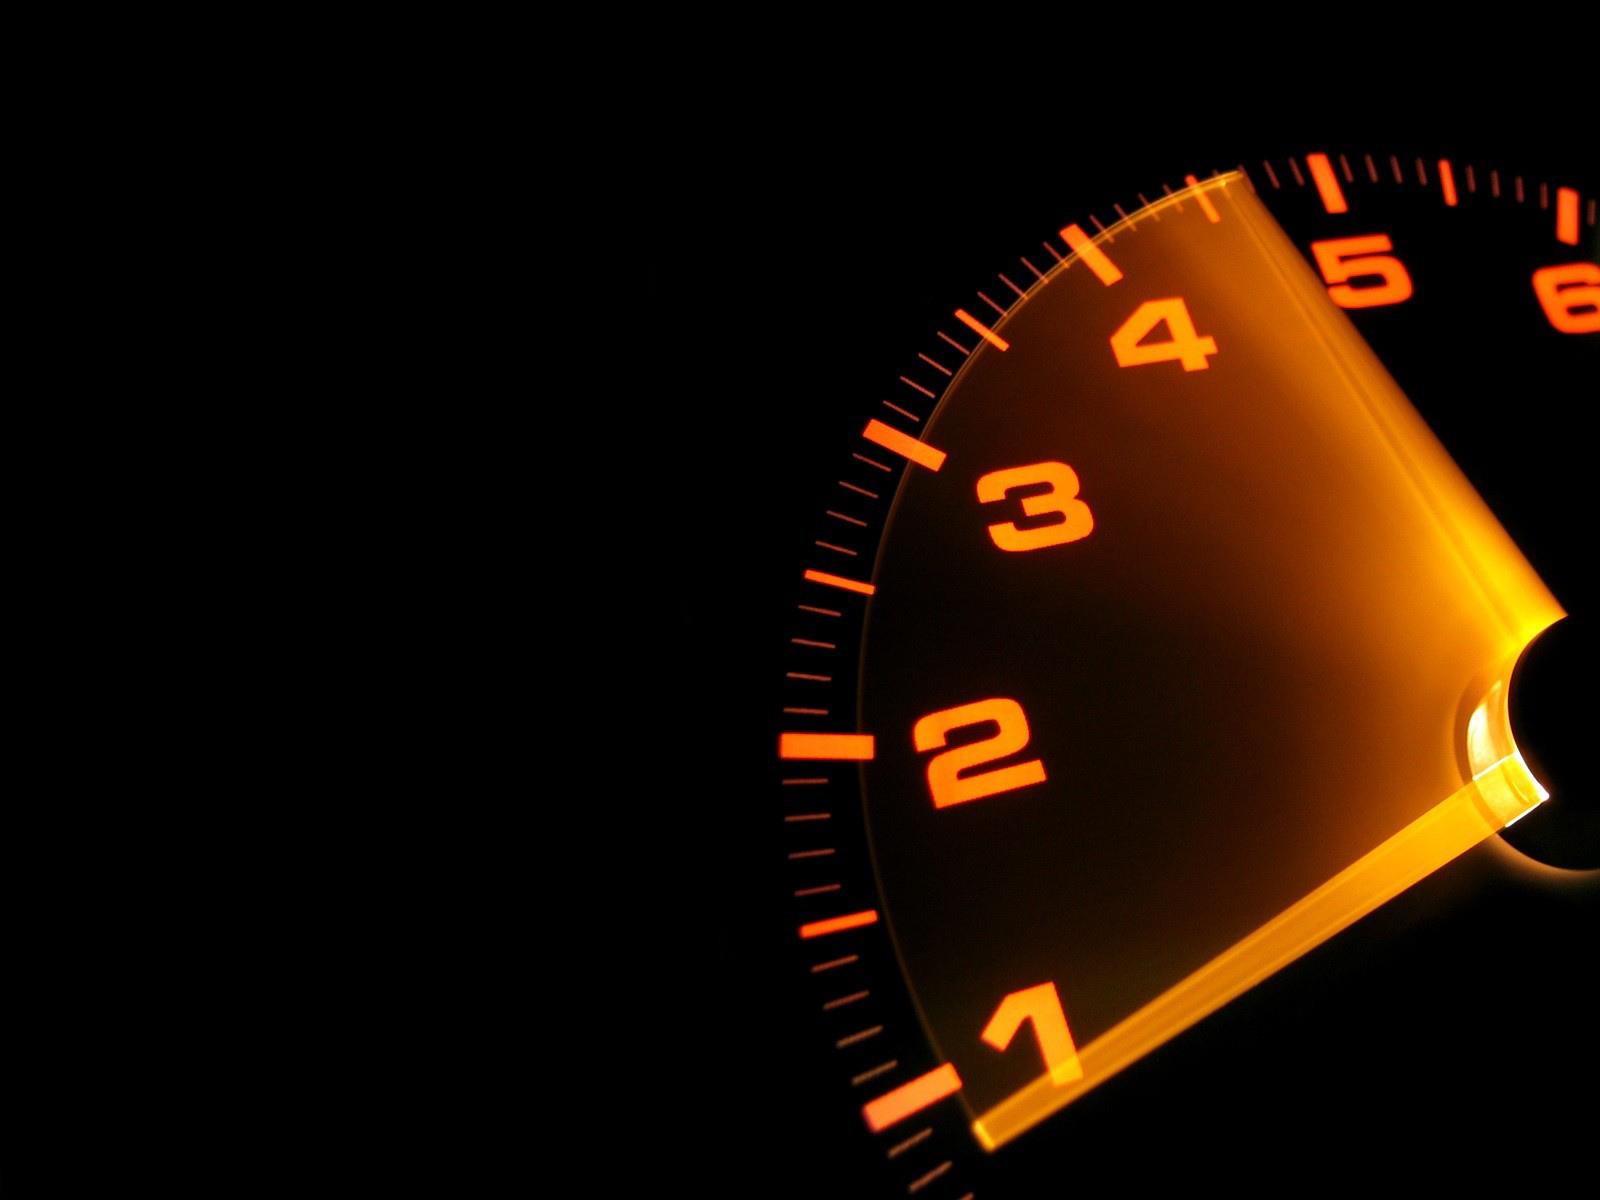 http://2.bp.blogspot.com/-rhuUQmwax5c/UBMN999enYI/AAAAAAAAA5c/RXTcH2okg8Y/s1600/cars_0005.jpg